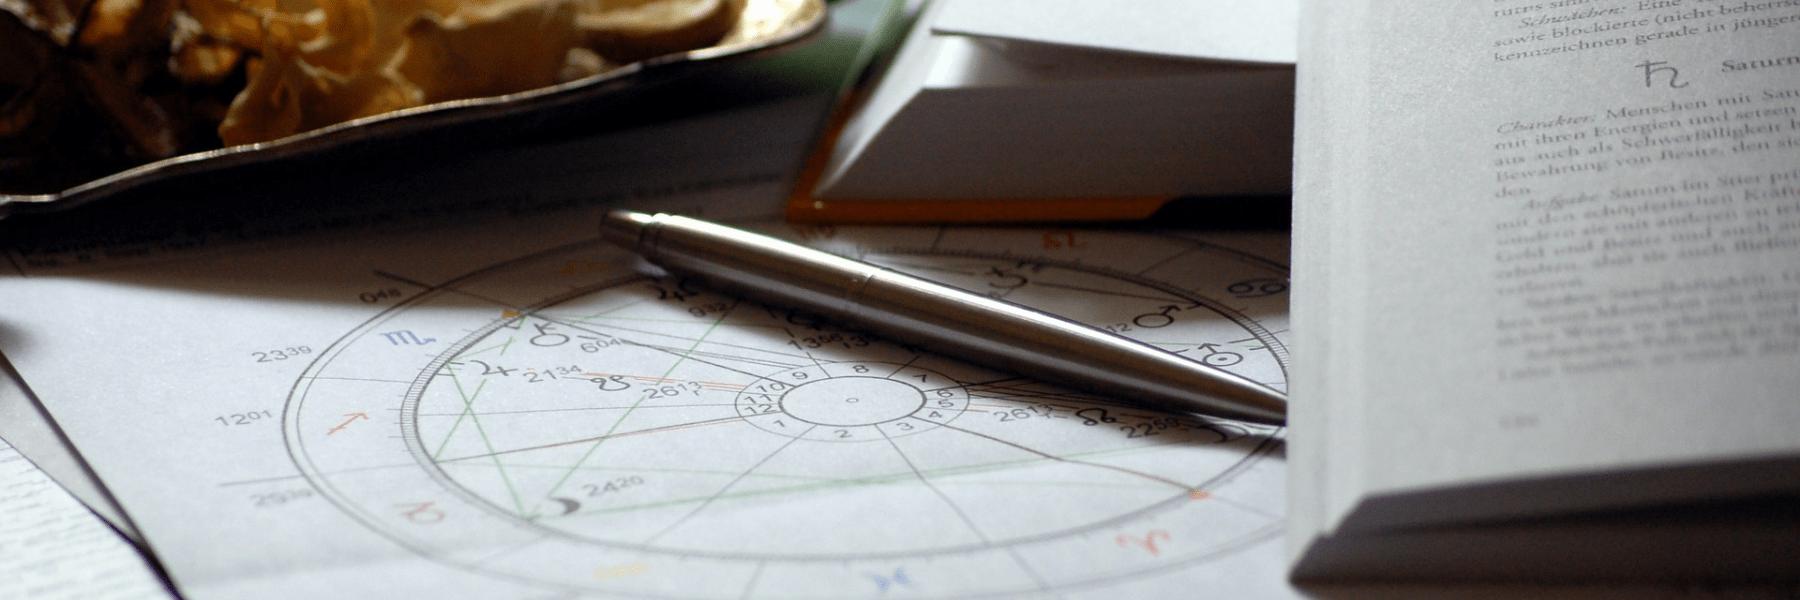 九星気学占い師の仕事内容と活躍できる場所とは?